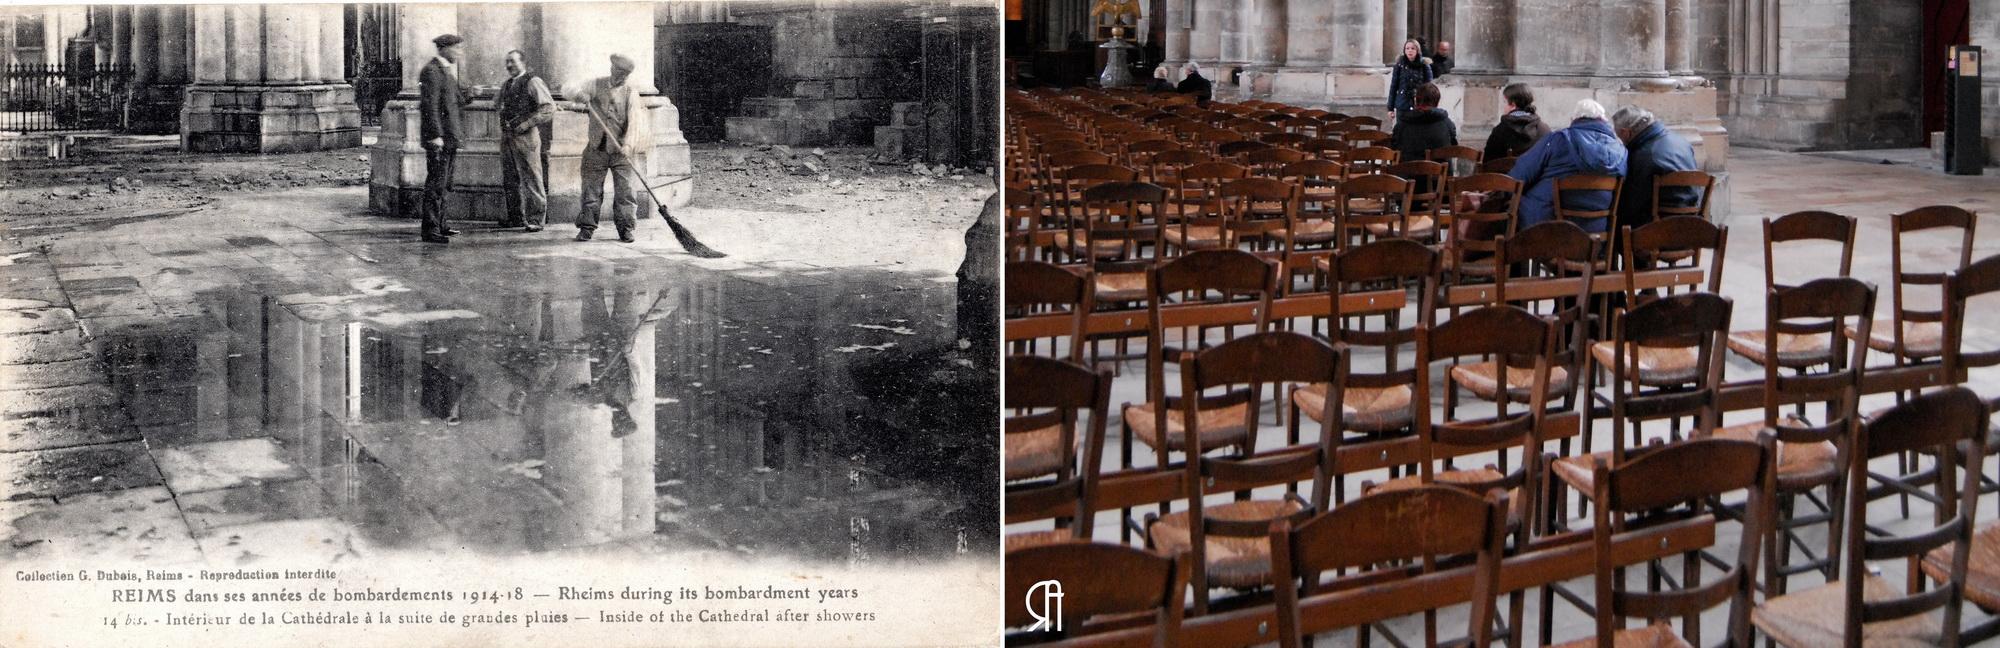 Pluie dans la cathédrale, La grande nef après les bombardements